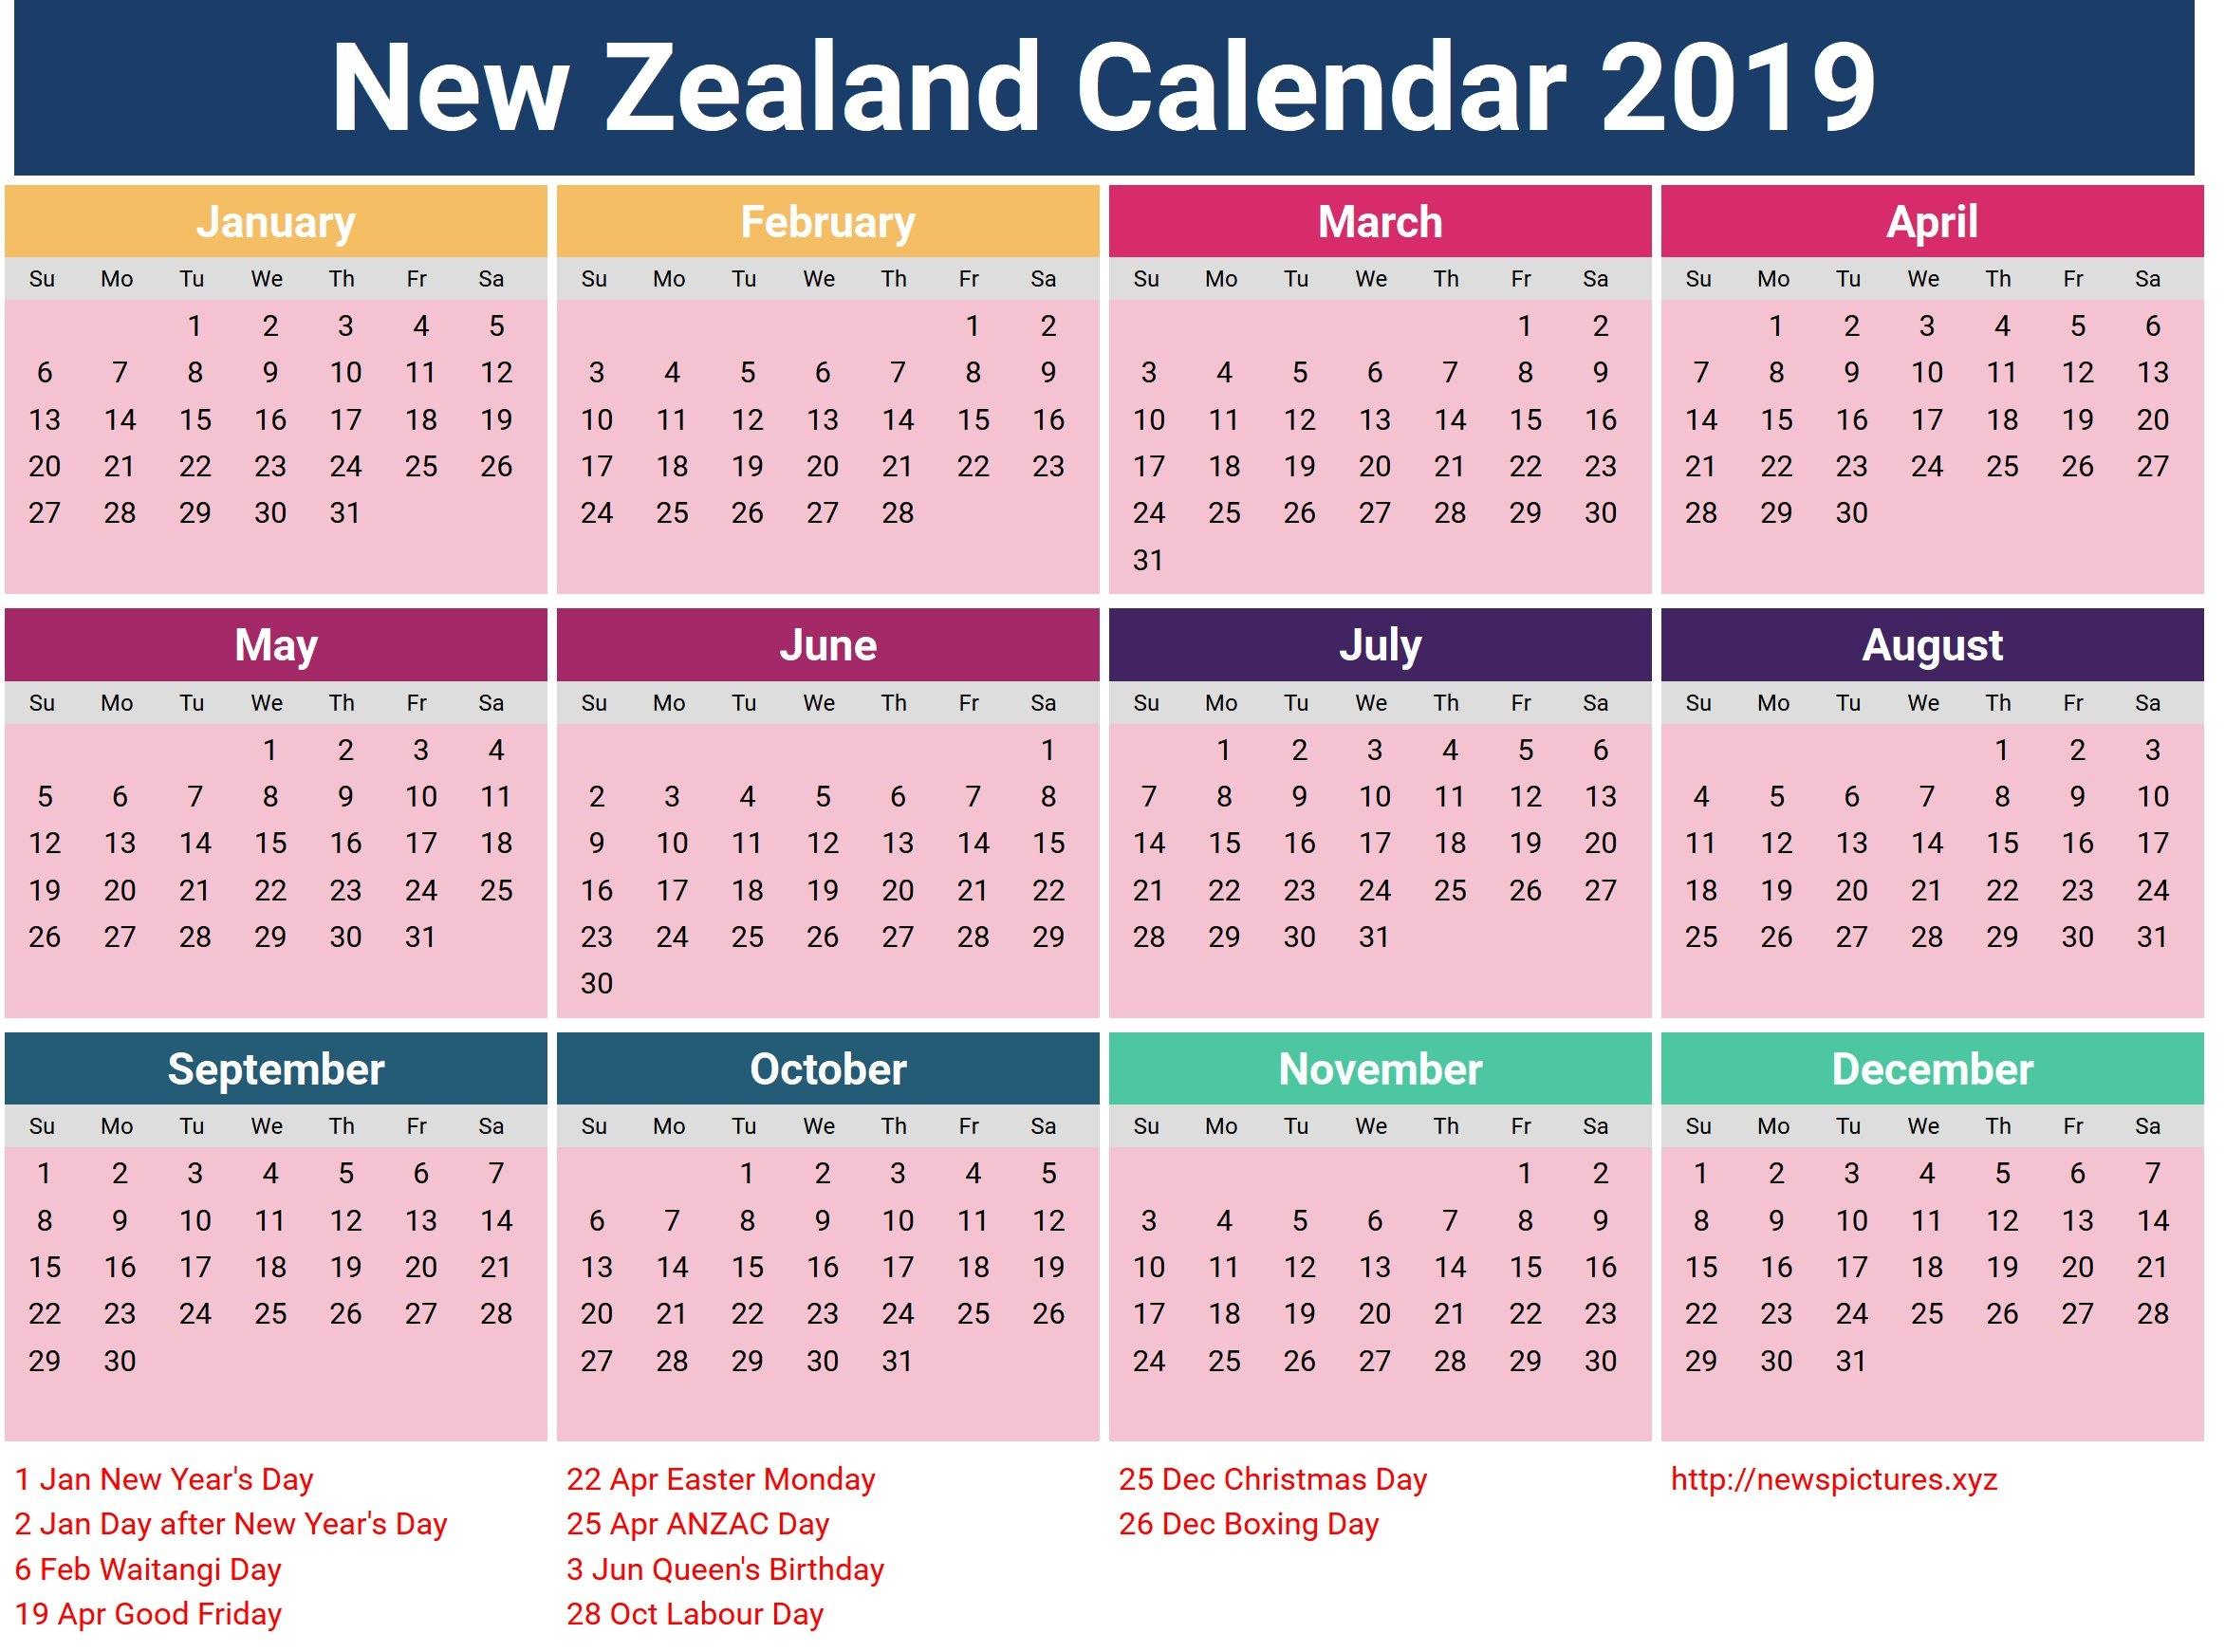 Year 2019 Calendar Nz - Littledelhisf 2019 Calendar Nz